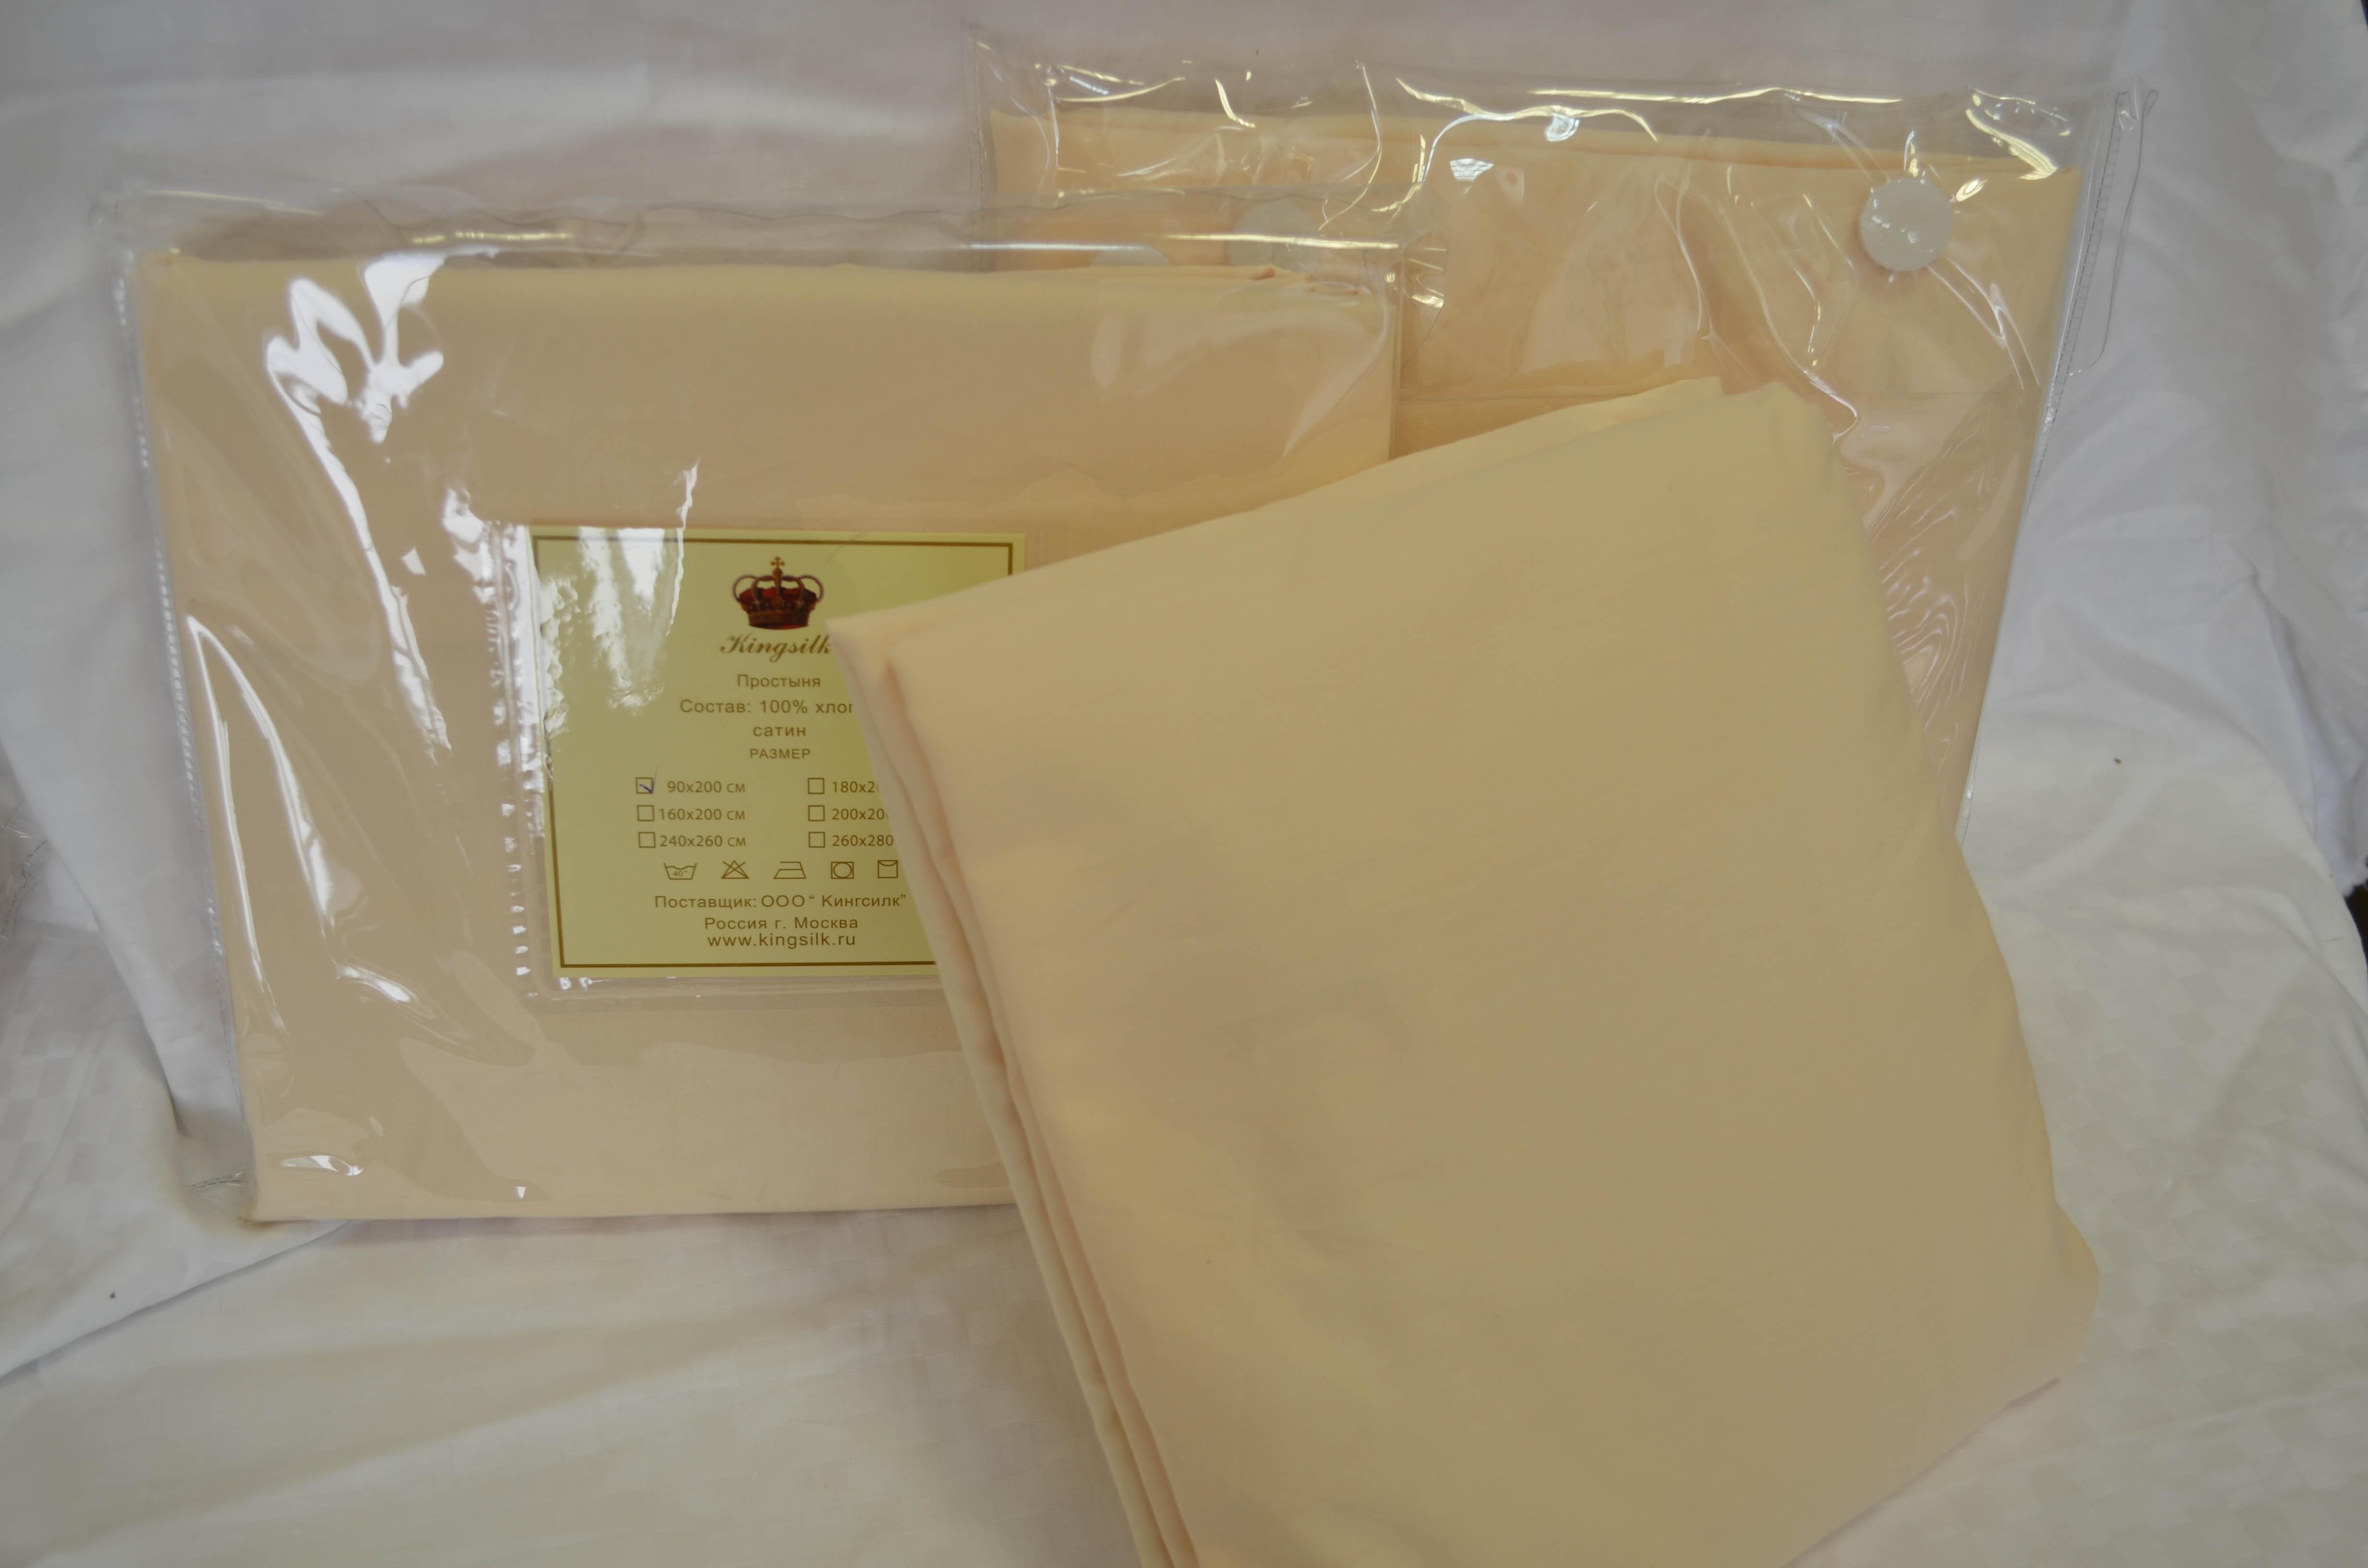 Простыня без резинки KingSilkПростыня<br>Производитель: KingSilk<br>Страна производства: Китай<br>Материал: Хлопковый сатин<br>Состав: 100% хлопок<br>Размер простыни: 240х260 см<br>Упаковка: Полиэтиленовый пакет<br><br>Тип: простыня без резинки<br>Размерность комплекта: без резинки<br>Материал: Хлопковый сатин<br>Размер наволочки: None<br>Подарочная упаковка: без резинки<br>Для детей: нет без резинки<br>Ткань: Хлопковый сатин<br>Цвет: Кремовый